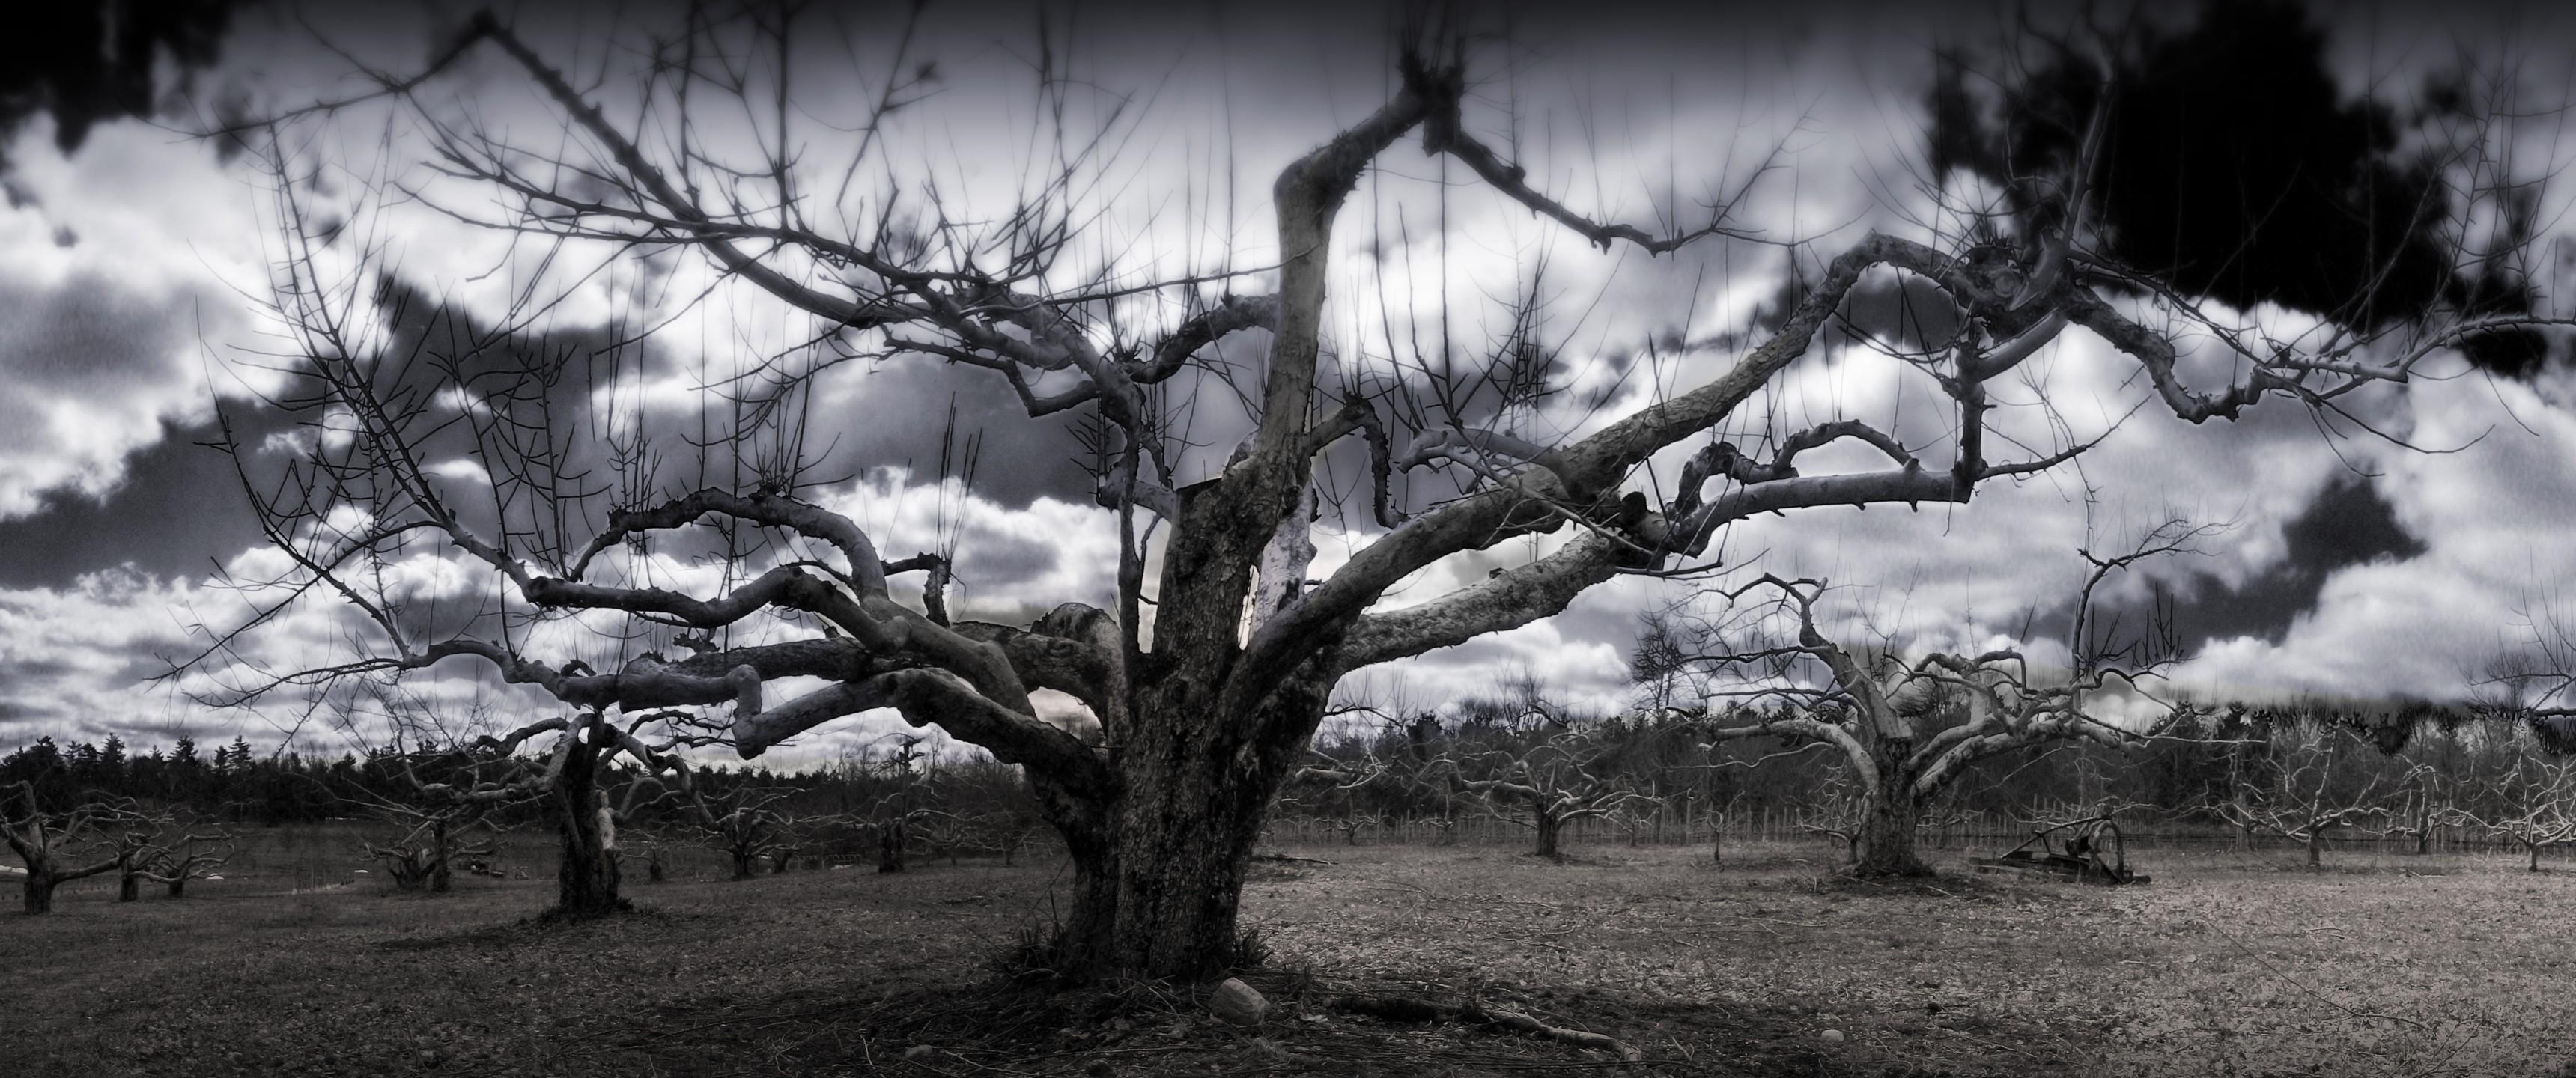 Dead Tree Dual Screen Wallpaper